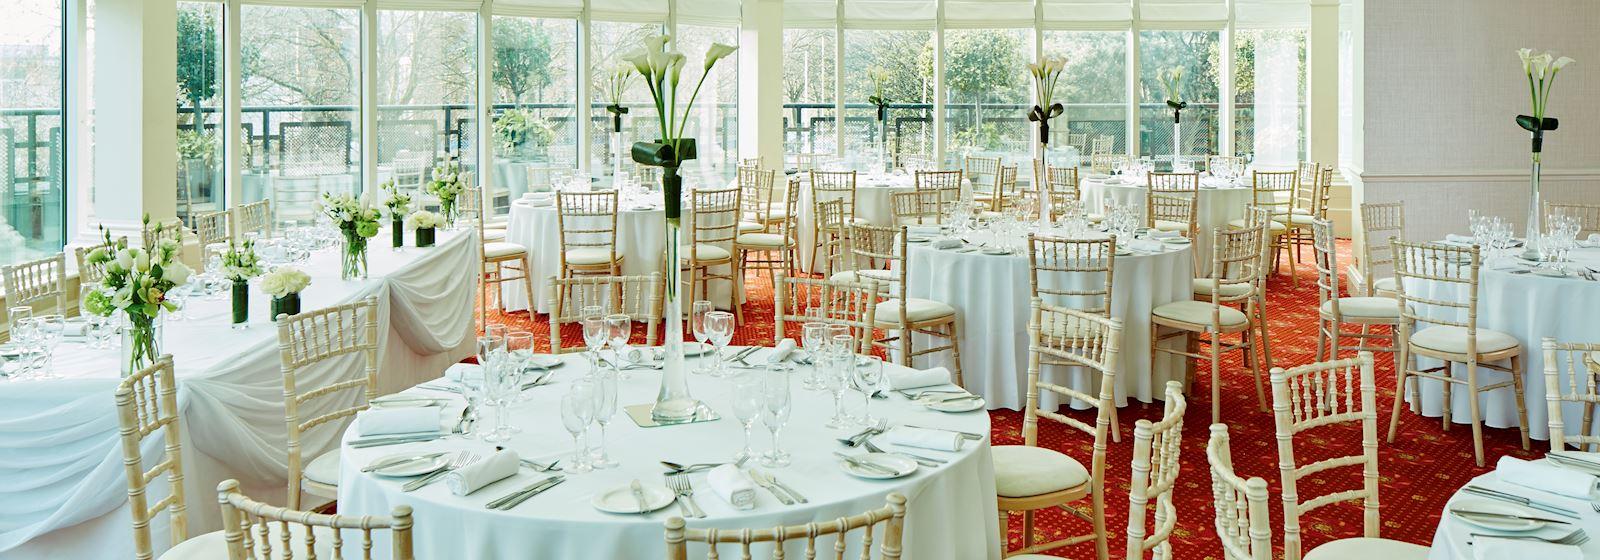 Wedding Party Venues Bristol